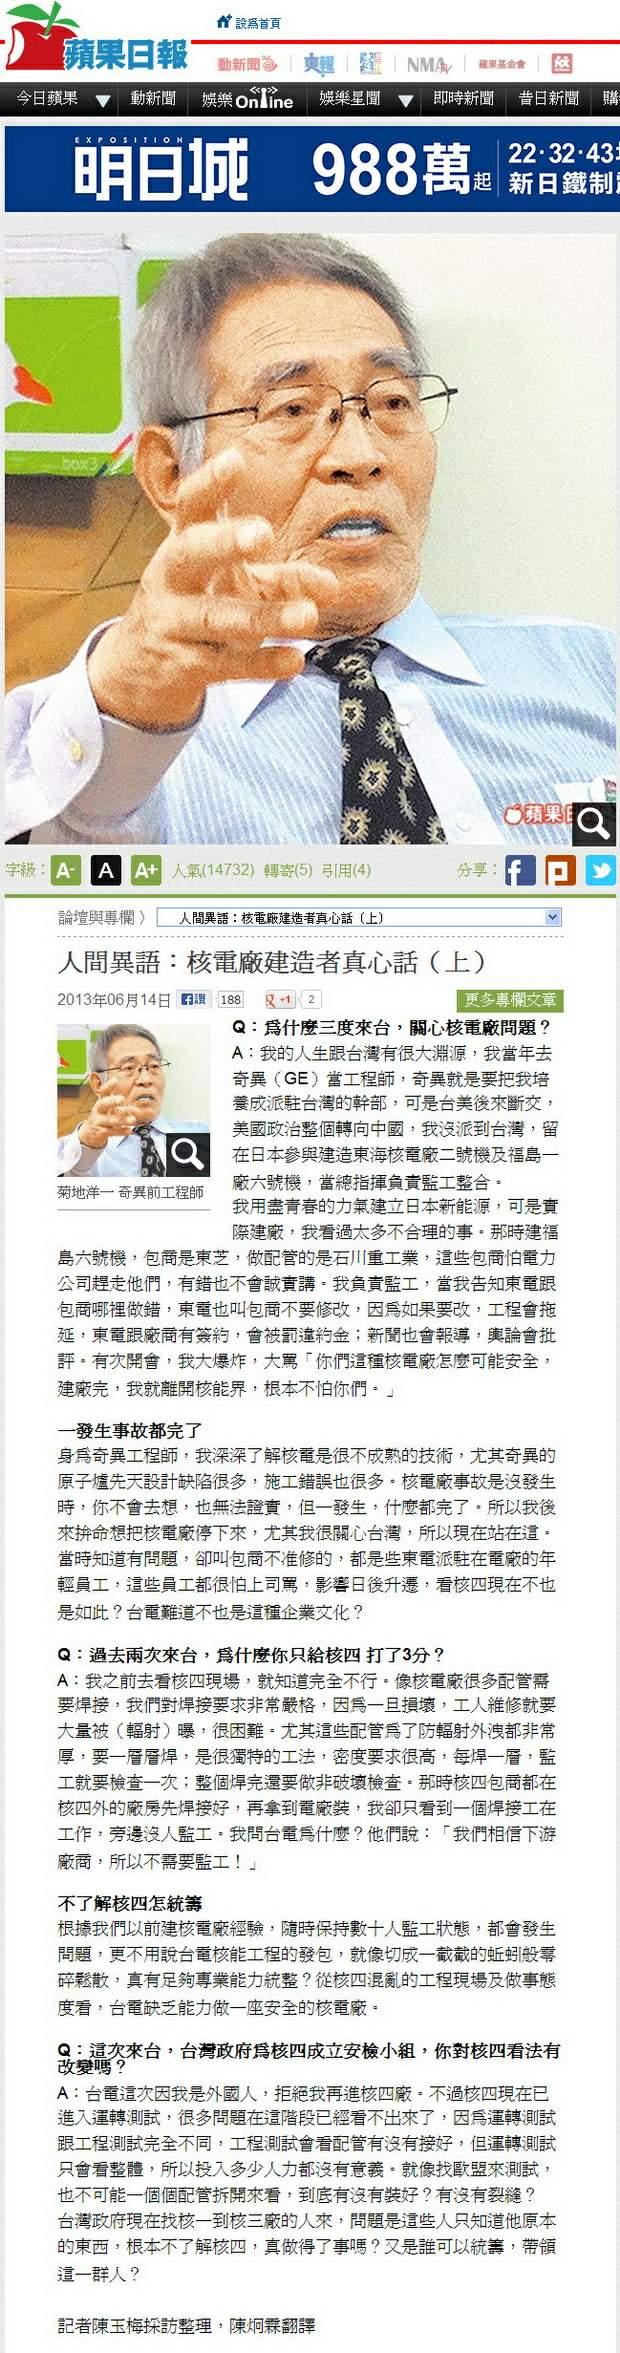 人間異語:核電廠建造者真心話(上)-2013.06.14